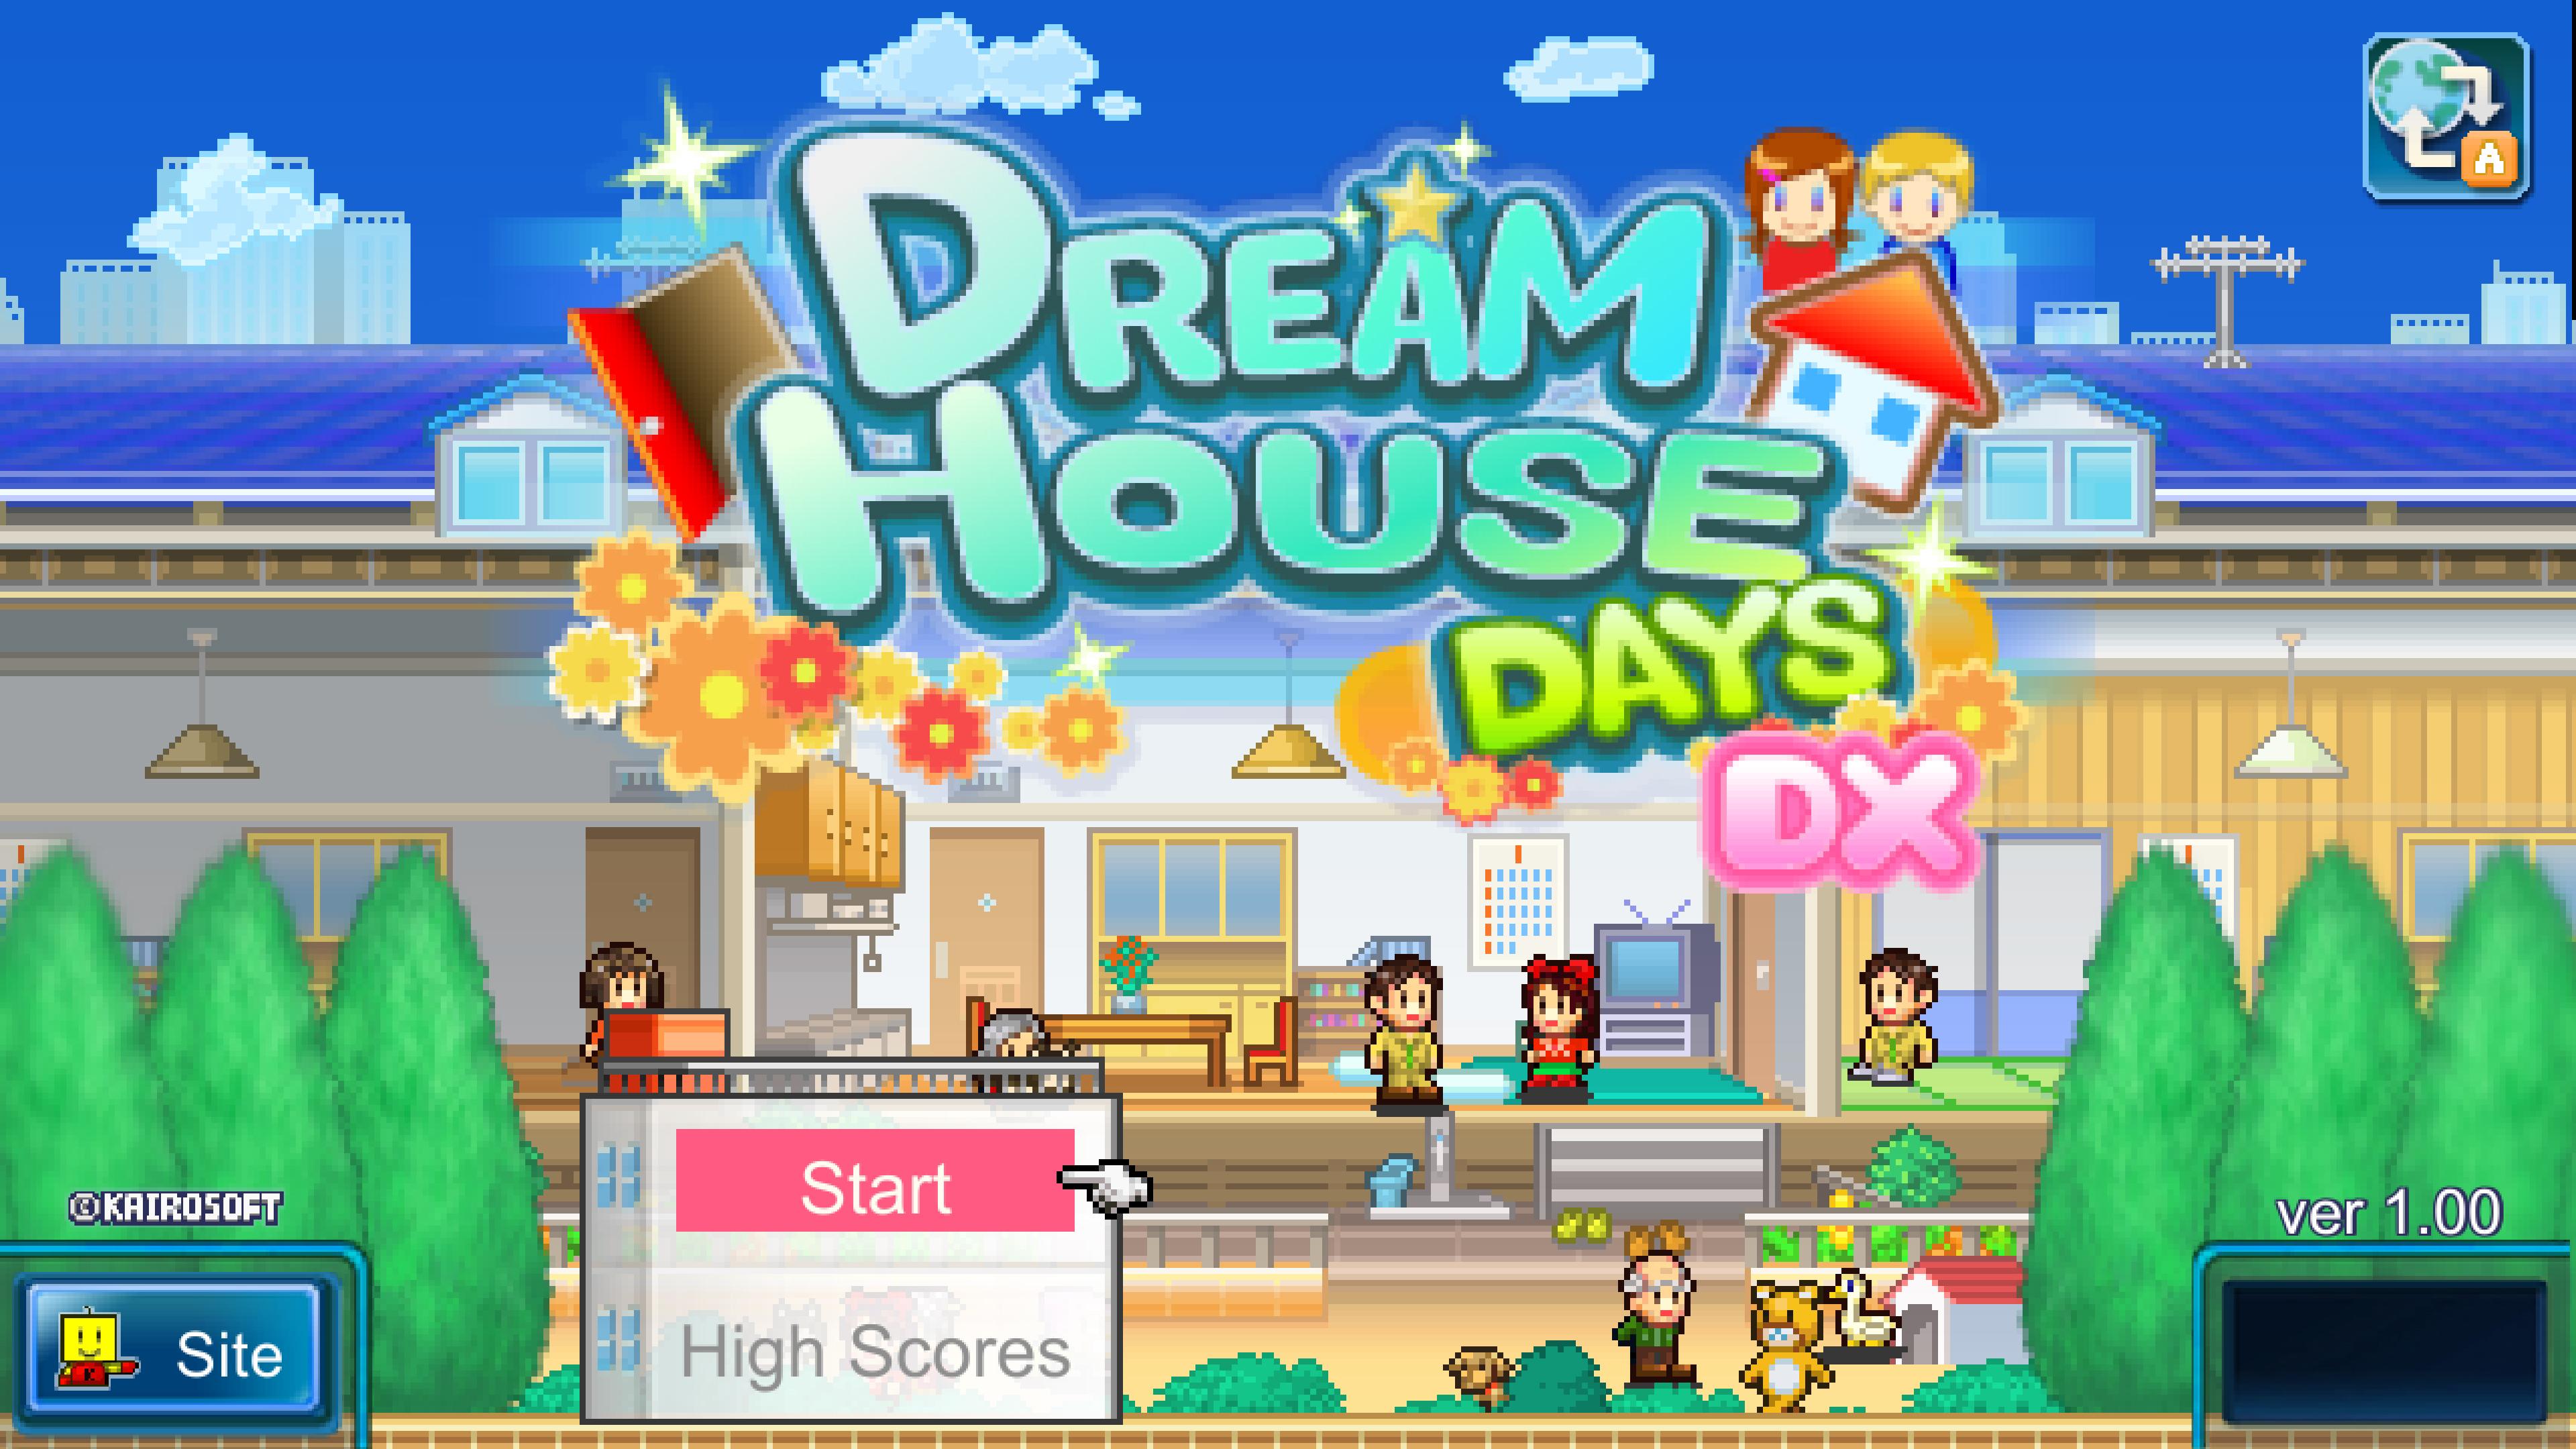 Скриншот №5 к Dream House Days DX